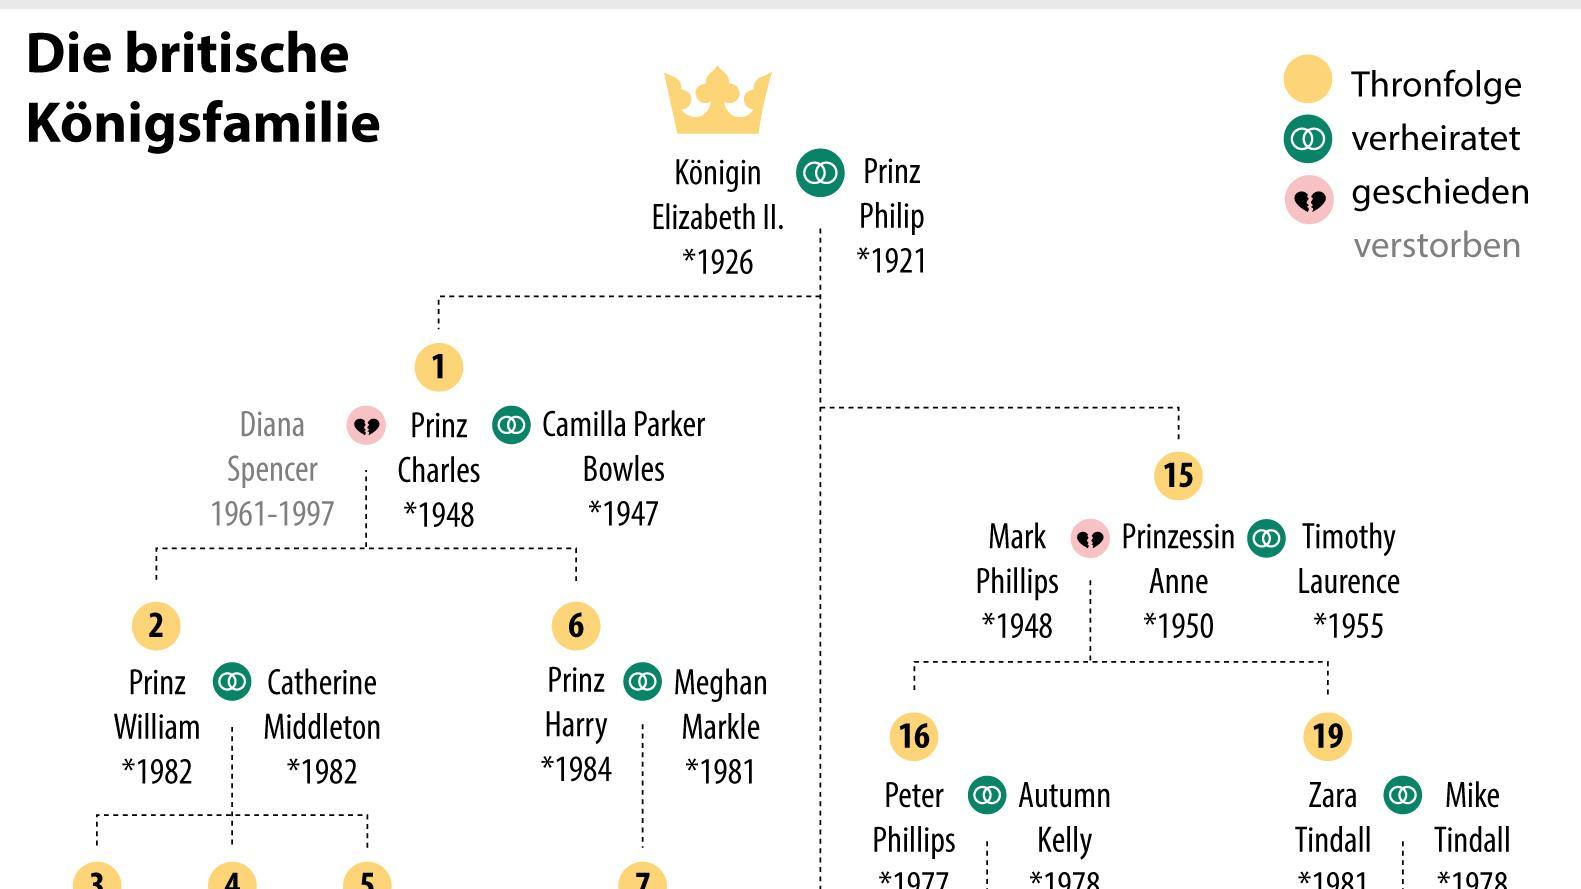 Die britische Königsfamilie (für die volle Größe anklicken)